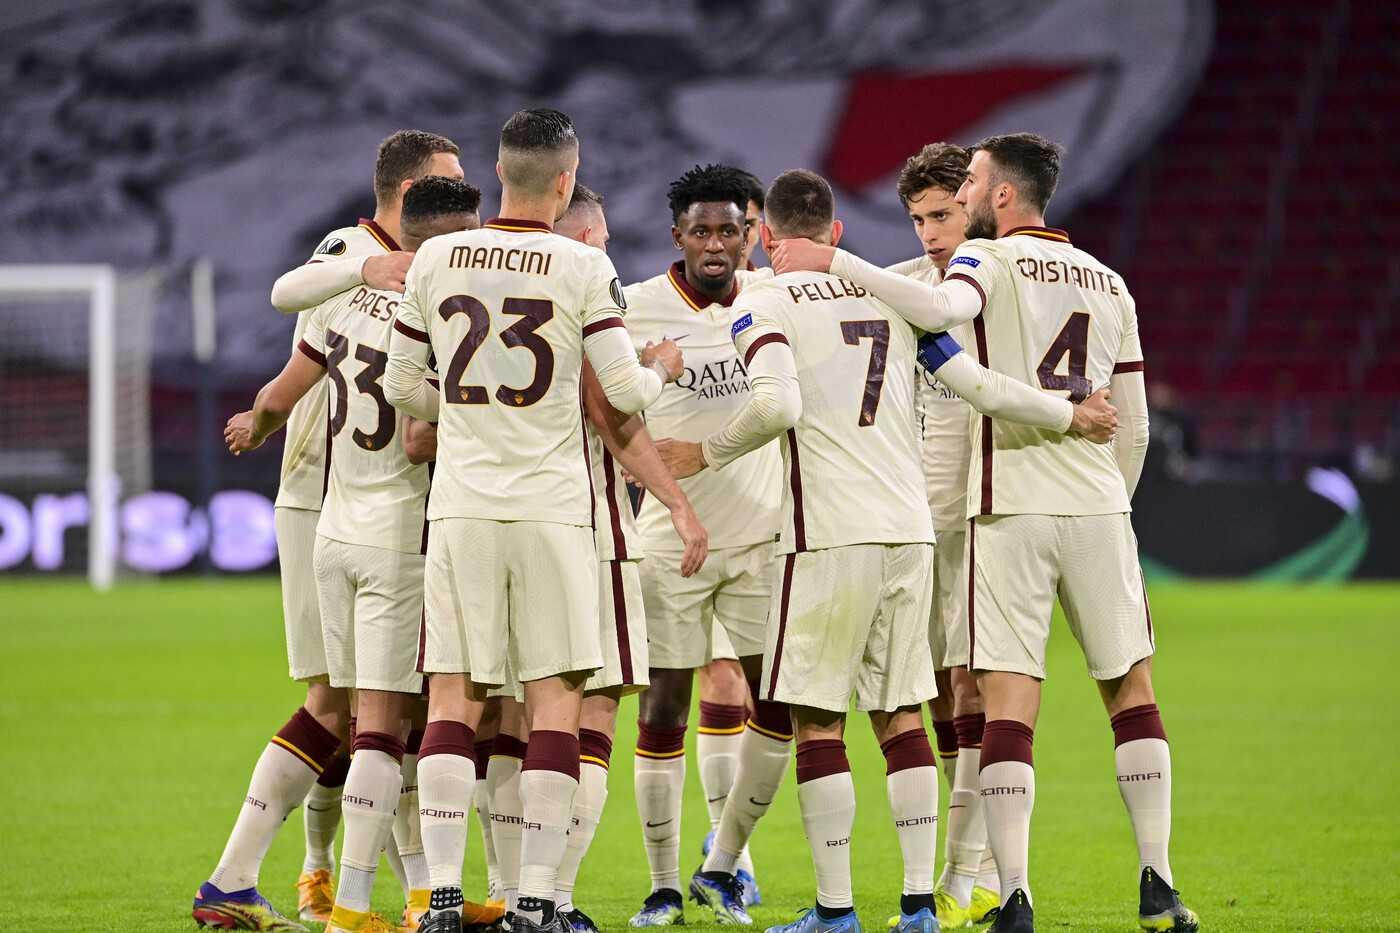 Ajax-Roma (1-2): analisi tattica e considerazioni